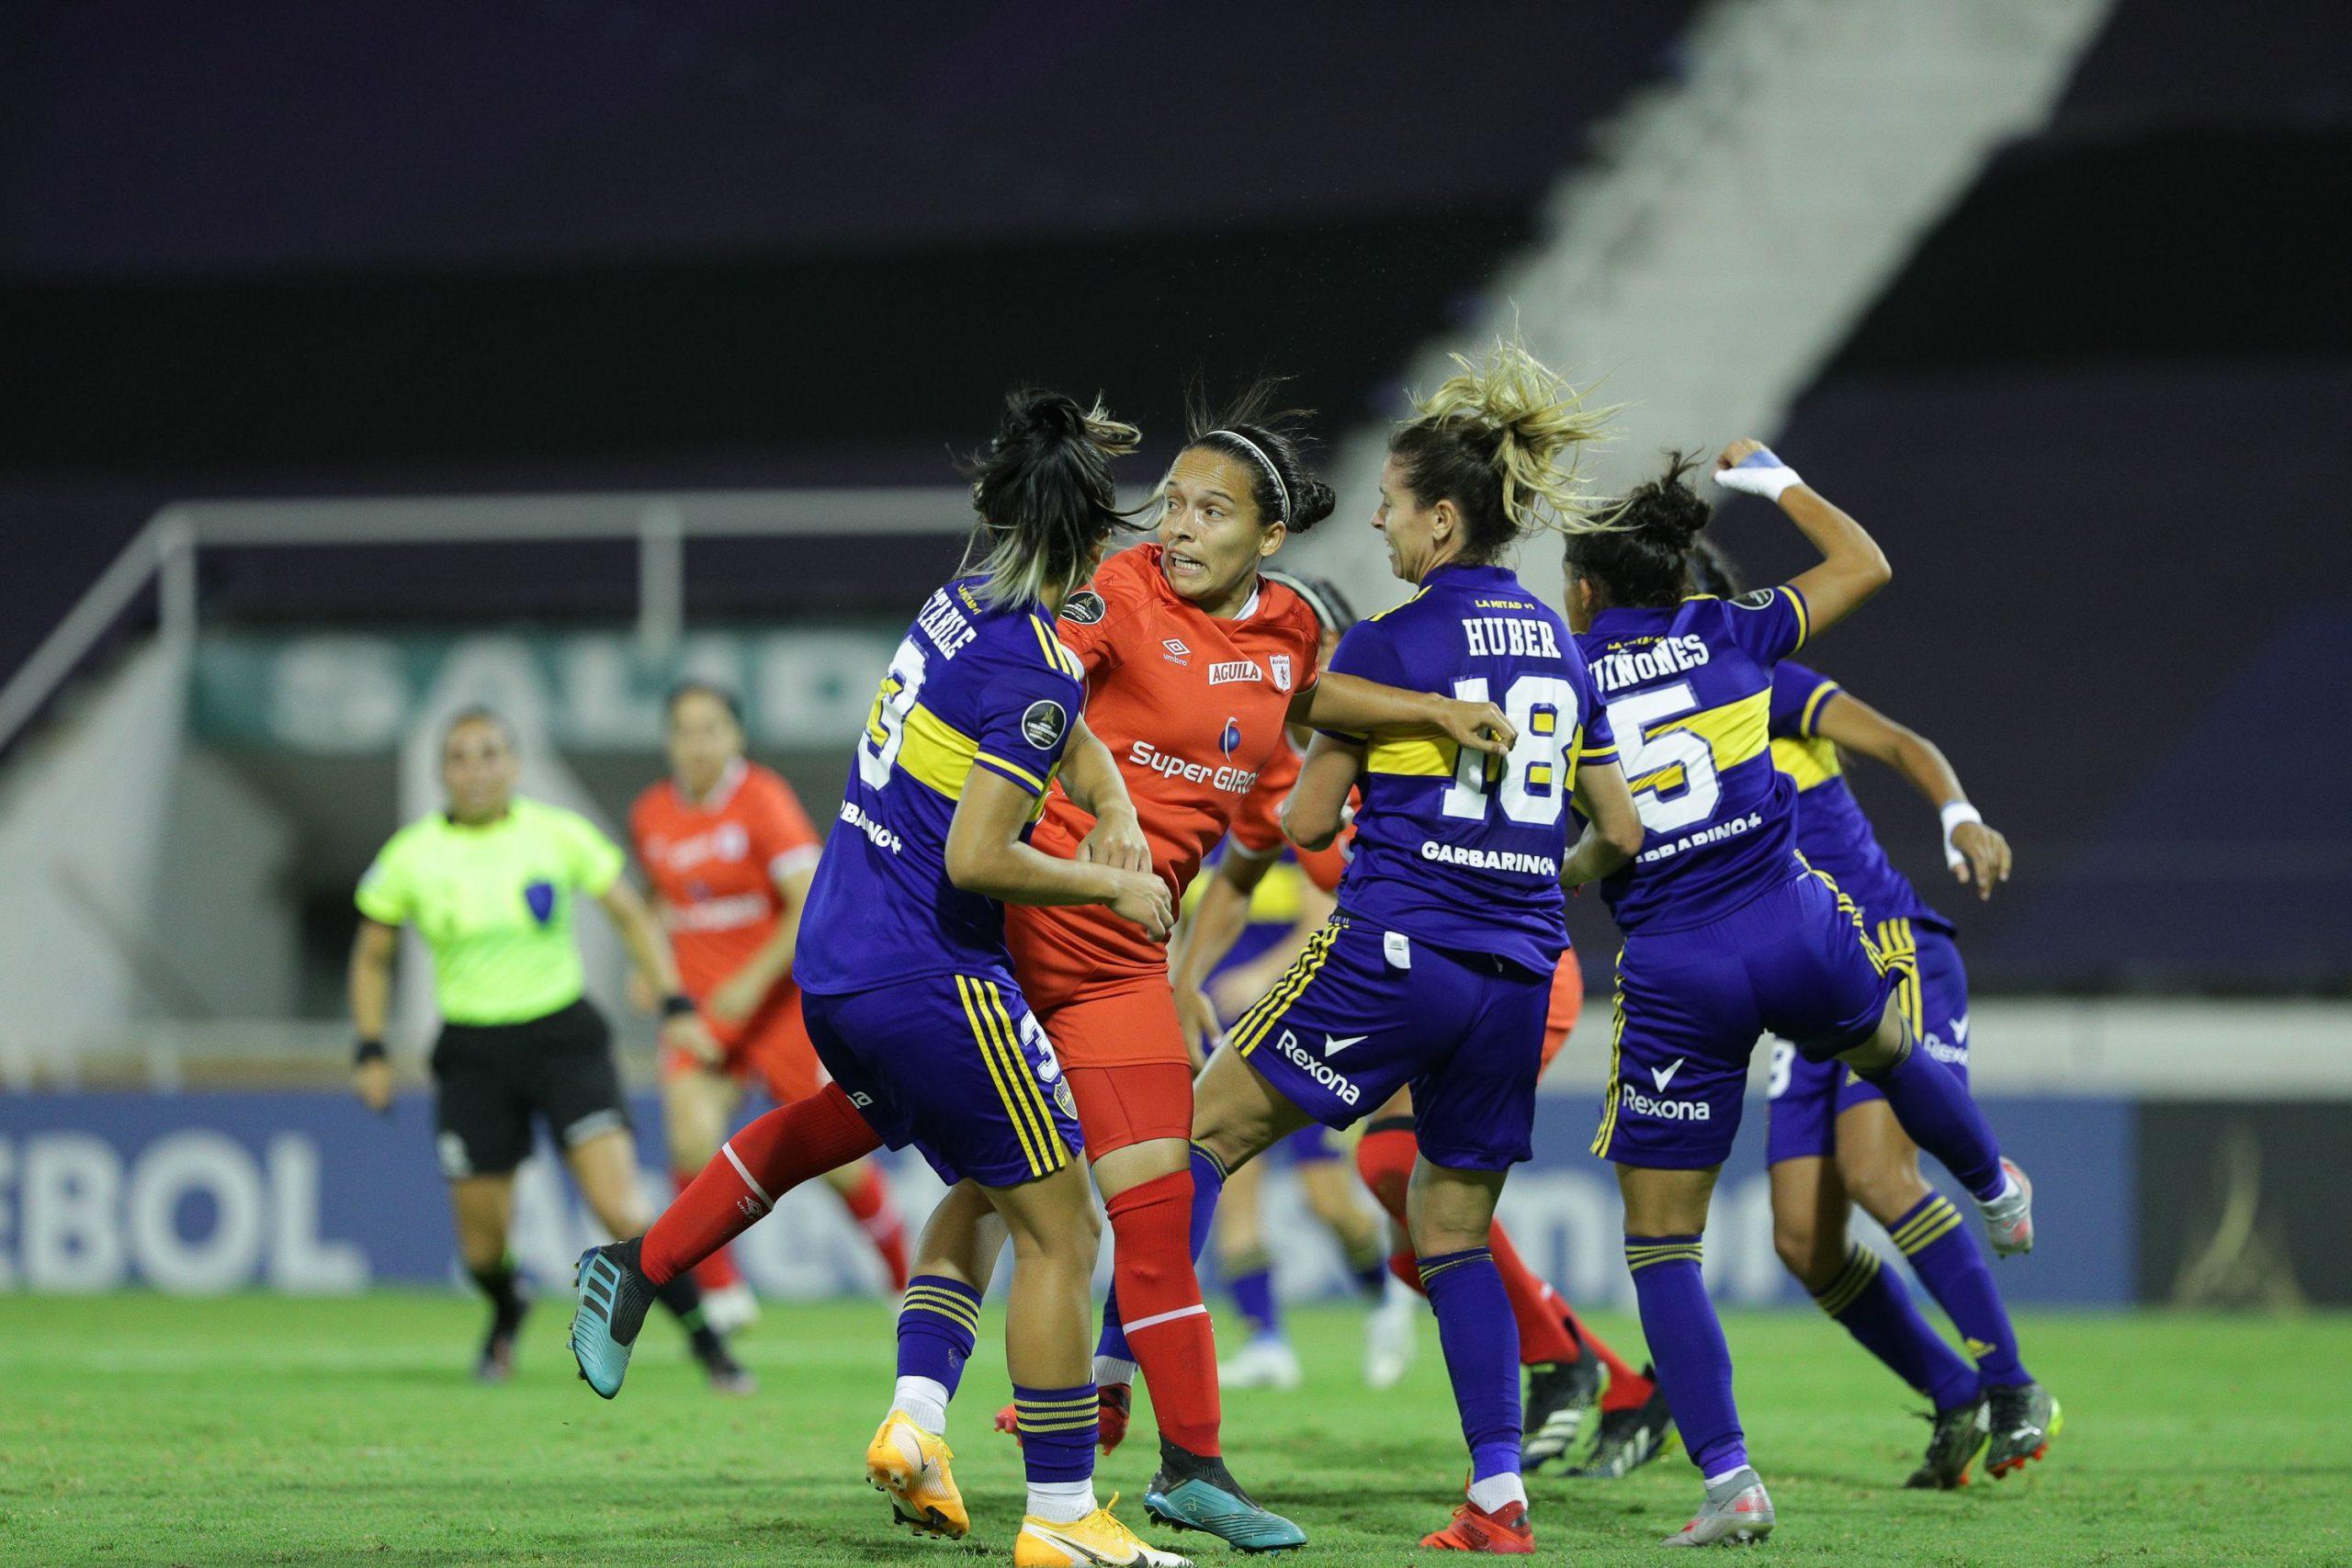 ¡América de Cali está en la semifinal de la Copa Libertadores Femenina!